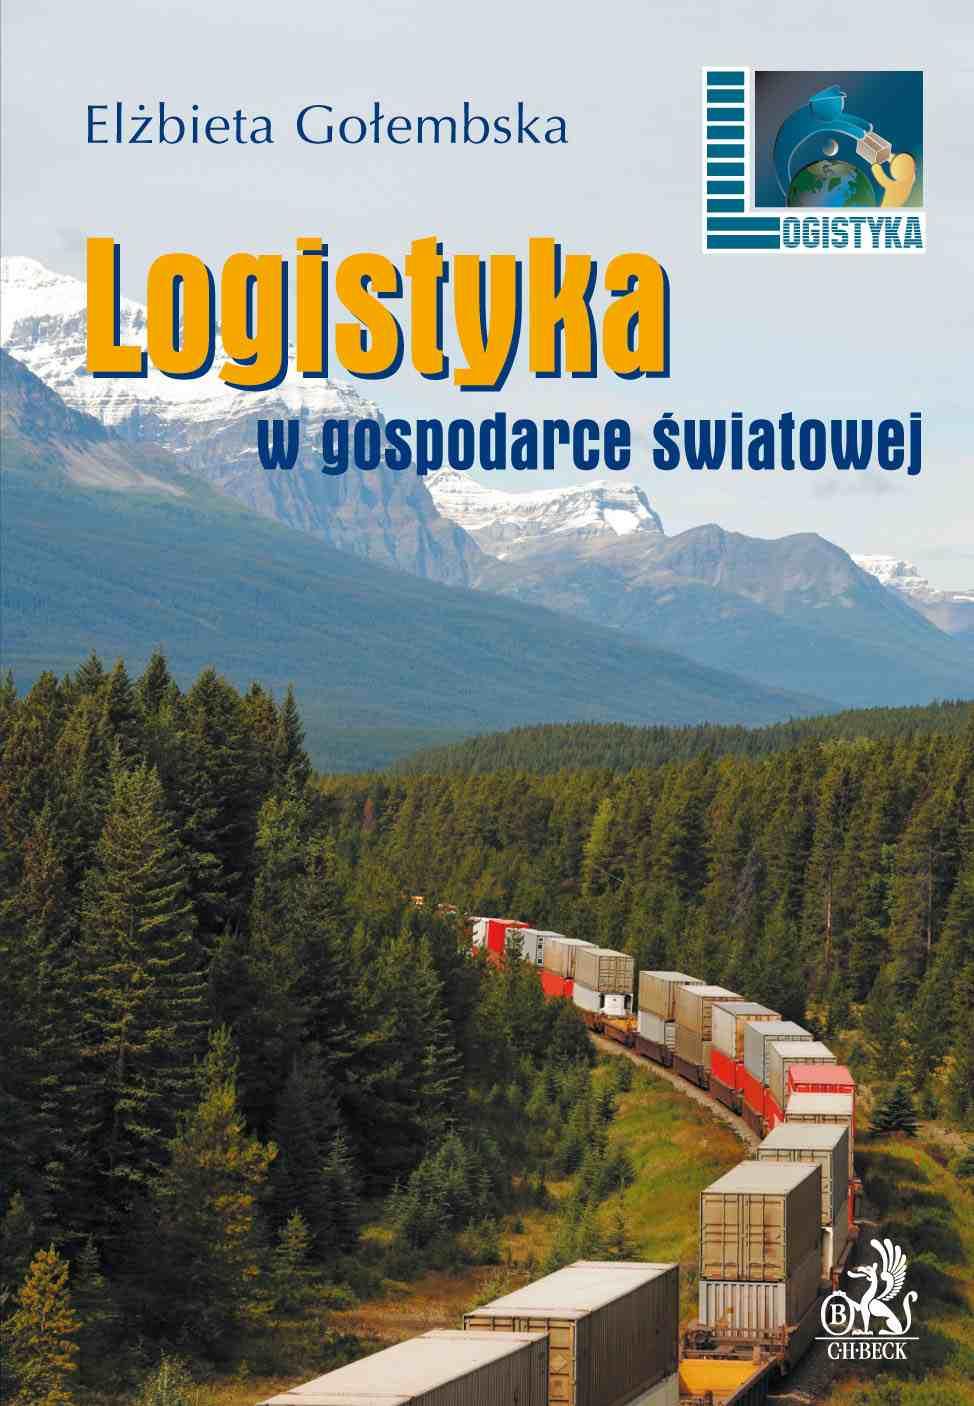 Logistyka w gospodarce światowej - Ebook (Książka PDF) do pobrania w formacie PDF